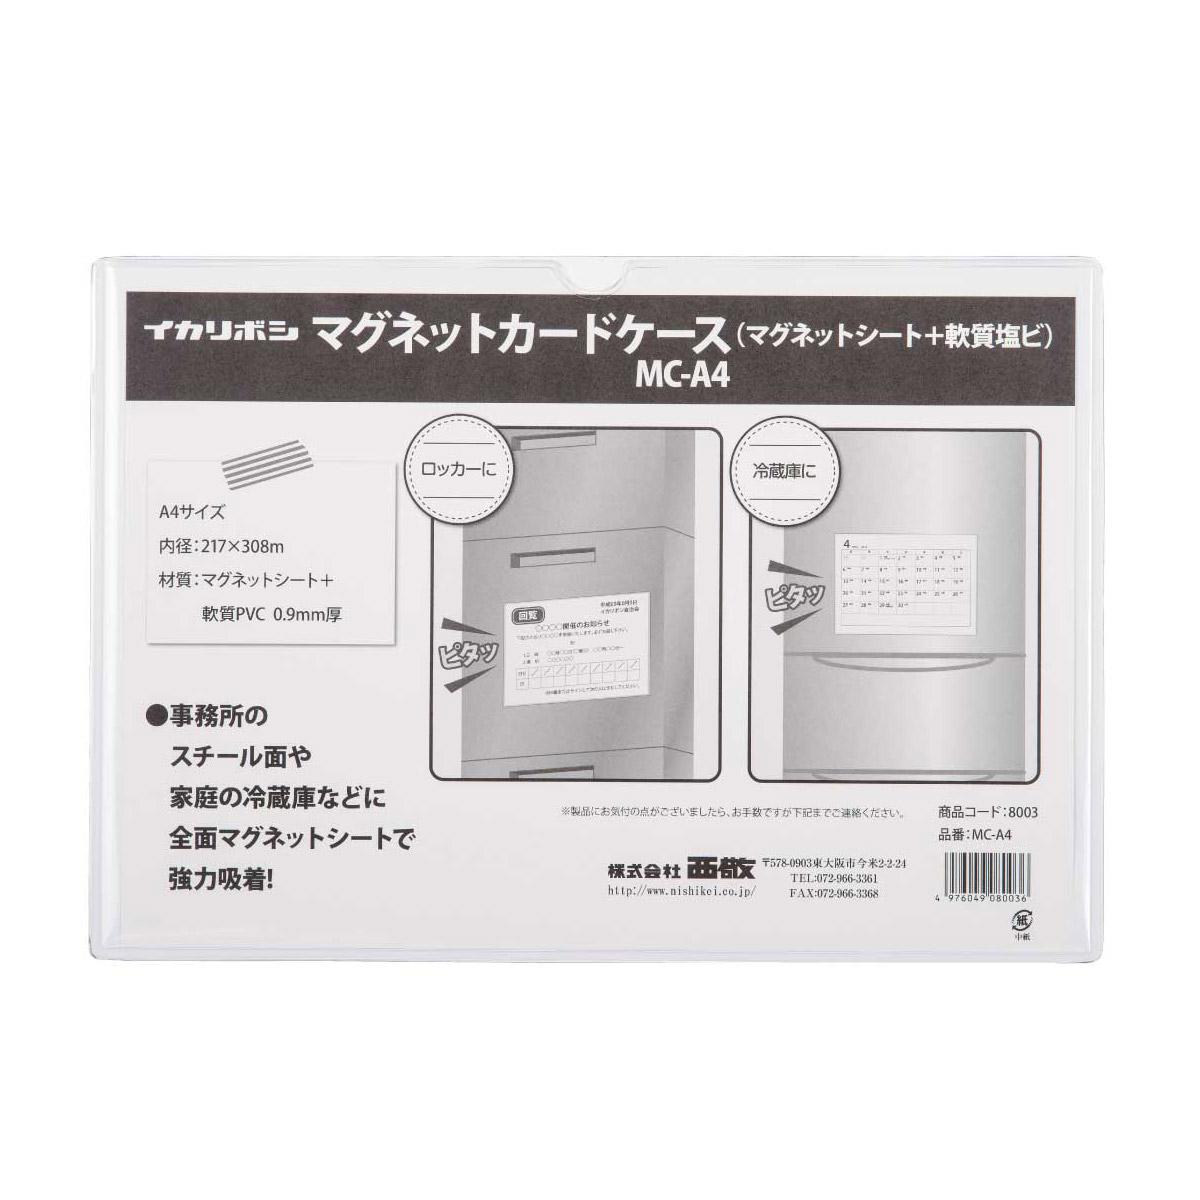 マグネットケース マグネットファイル A4サイズ アーテック 磁石付きケース クリスマスプレゼント